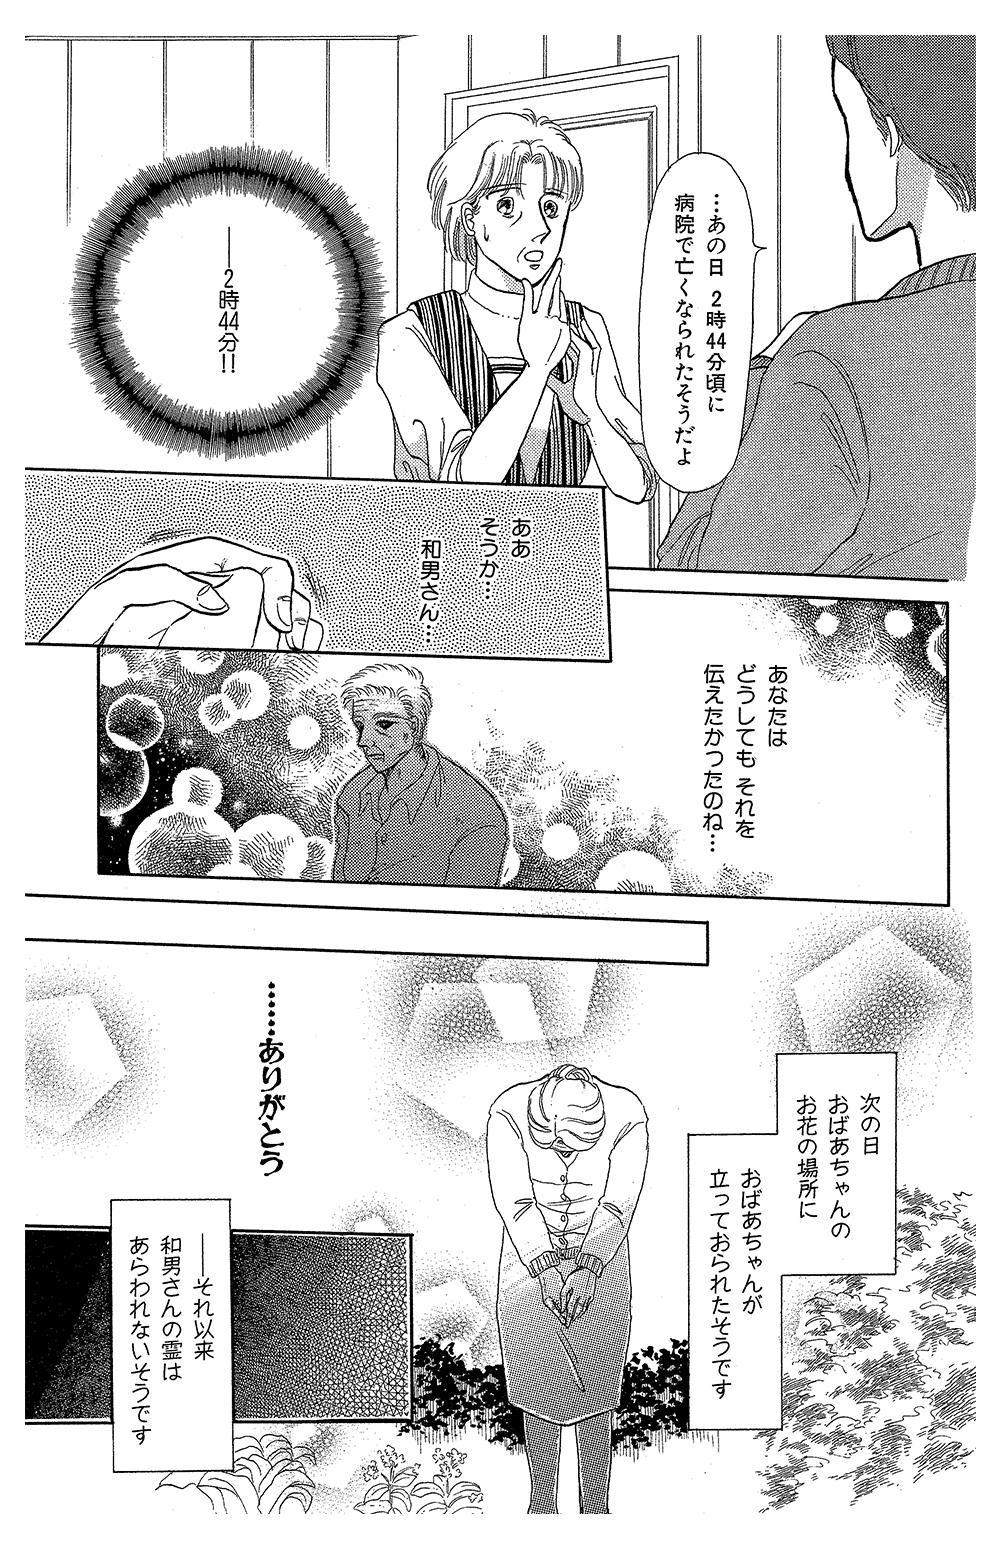 霊感ママシリーズ 第1話「花の陰影」③reikan29.jpg